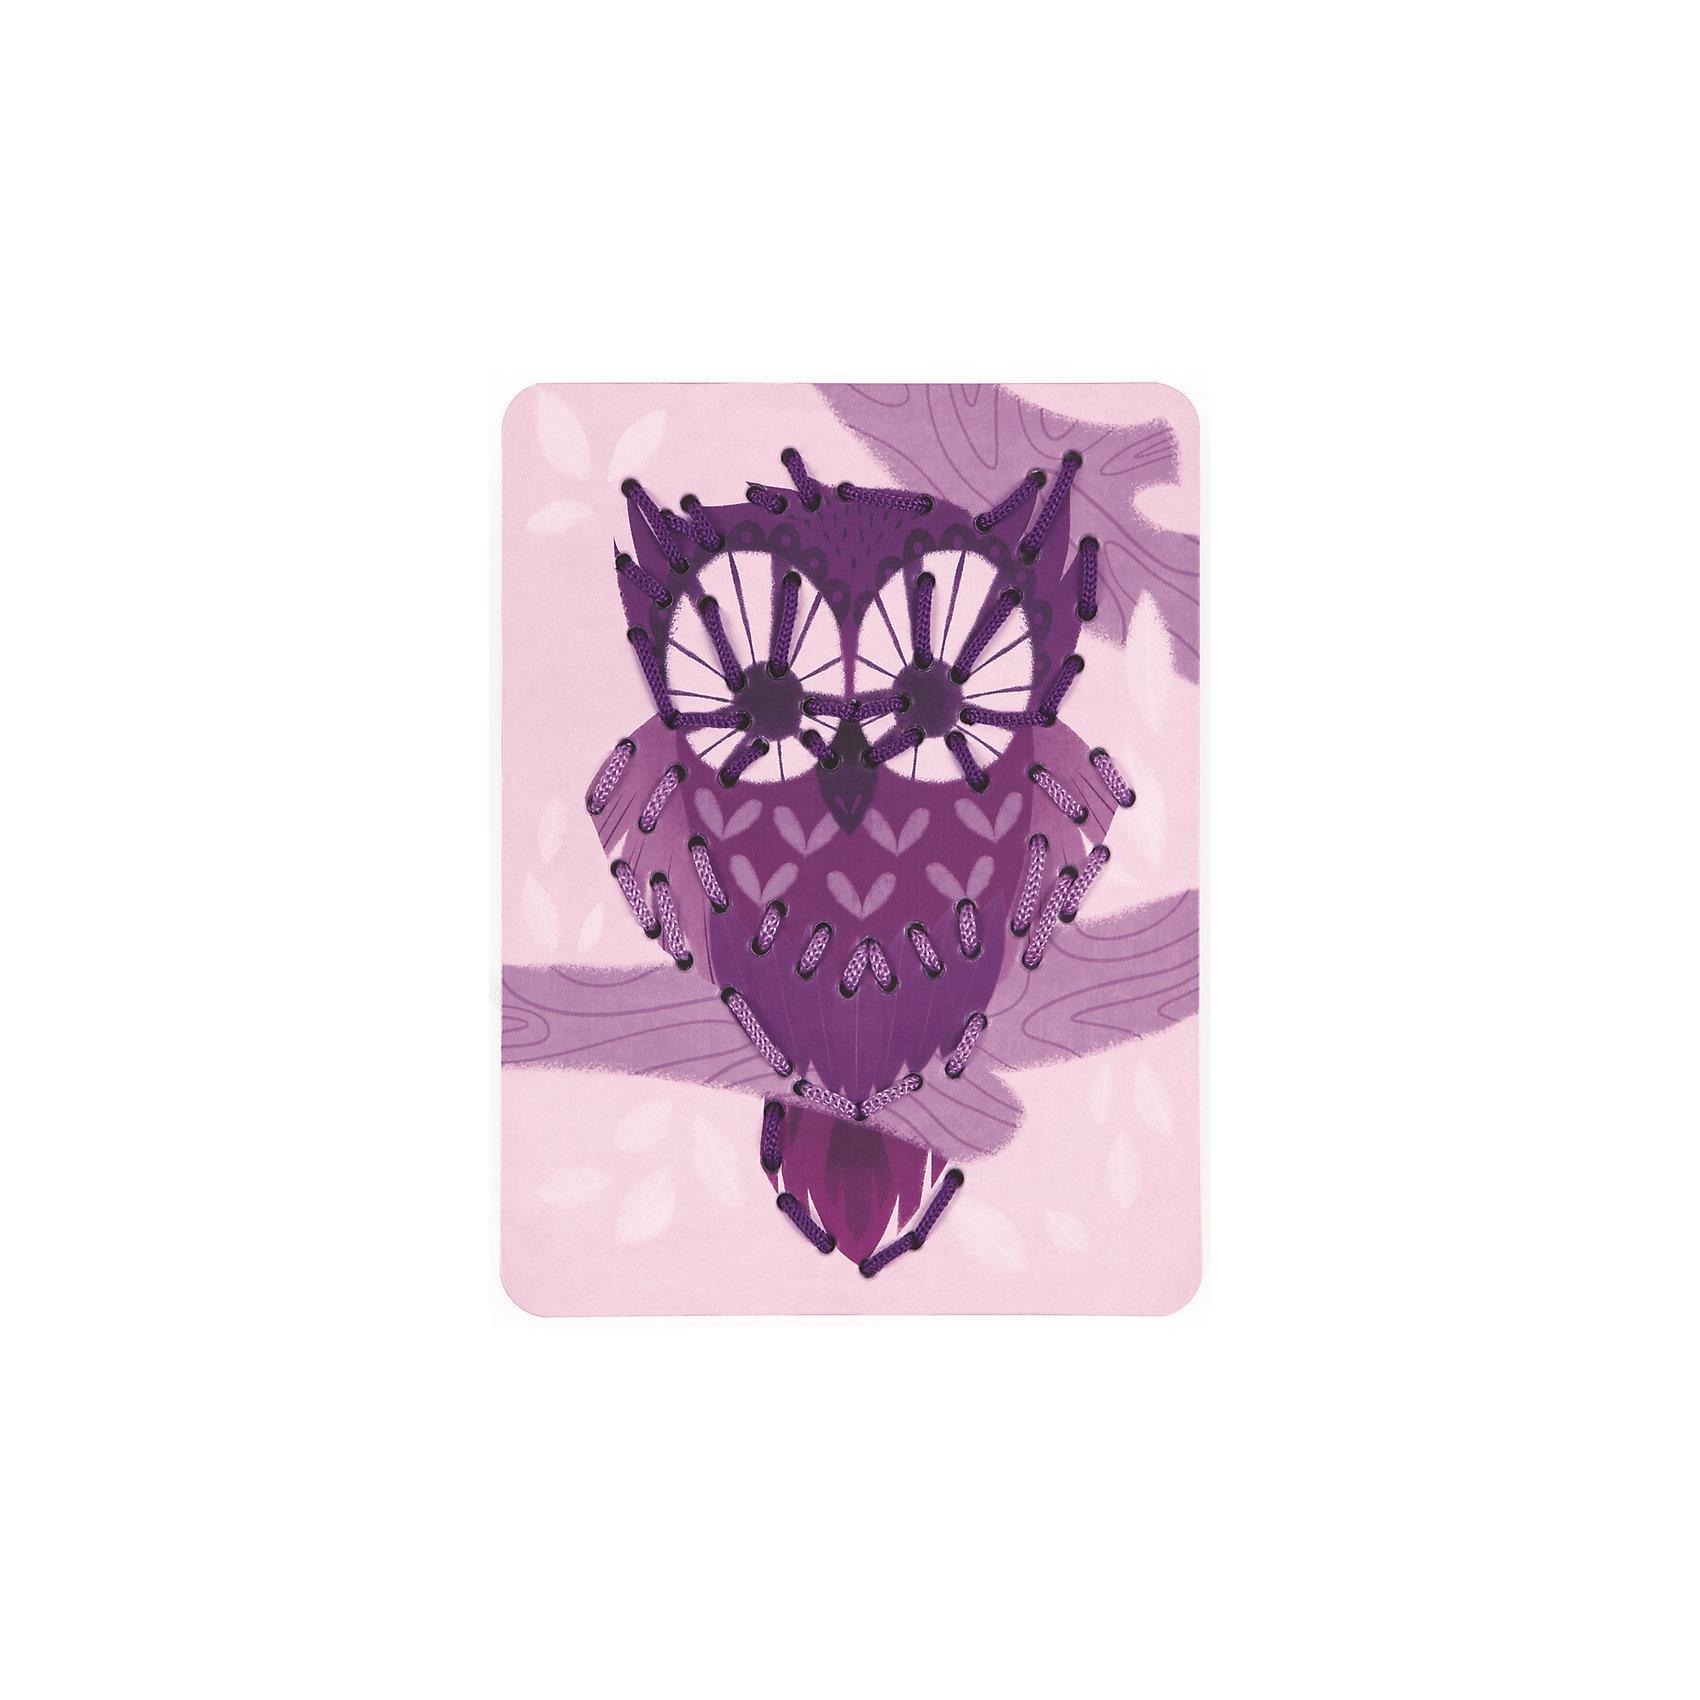 Шнуровка Животные (6 карточек, 13 нитей)Шнуровки<br>Игра «Шнуровка Животные, 6 карт+13 нитей», производства французской компании Janod, предназначена для детей от 3 лет и является одним из видов развивающих игр для детей. Шнуровка развивает мелкую моторику рук и пальцев, что способствует развитию речи ребенка.<br><br>В большой набор входят 6 разноцветных и веселых карточек из картона с изображениями животных - кит, осьминог, еж, лиса, сова, пеликан, а также 13 цветных шнурков.<br><br>На каждую карточку нанесена перфорация по контуру рисунка. В процессе игры, ребенок продевает шнурок через эти отверстия, обозначая силуэт животного. В процессе игры вы сможете помочь ребенку освоить основные цвета, виды животных. Продемонстрируйте ребенку большие карточки и предложите самостоятельно подобрать цвет шнурка.<br><br>Все элементы окрашены естественными цветами и специальными красками, которые безопасны для детей.<br><br>Игрушка упакована в красивую подарочную коробку.<br><br>Игра «Шнуровка Животные, 6 карт+13 нитей»:<br><br>    13 разноцветных шнурков;<br>    6 картонных карточек с изображением животных и перфорацией;<br>    плотный высококачественный картон;<br>    отличная полиграфия;<br>    красивая подарочная упаковка.<br><br>Ширина мм: 17<br>Глубина мм: 20<br>Высота мм: 5<br>Вес г: 500<br>Возраст от месяцев: 36<br>Возраст до месяцев: 2147483647<br>Пол: Унисекс<br>Возраст: Детский<br>SKU: 4871825